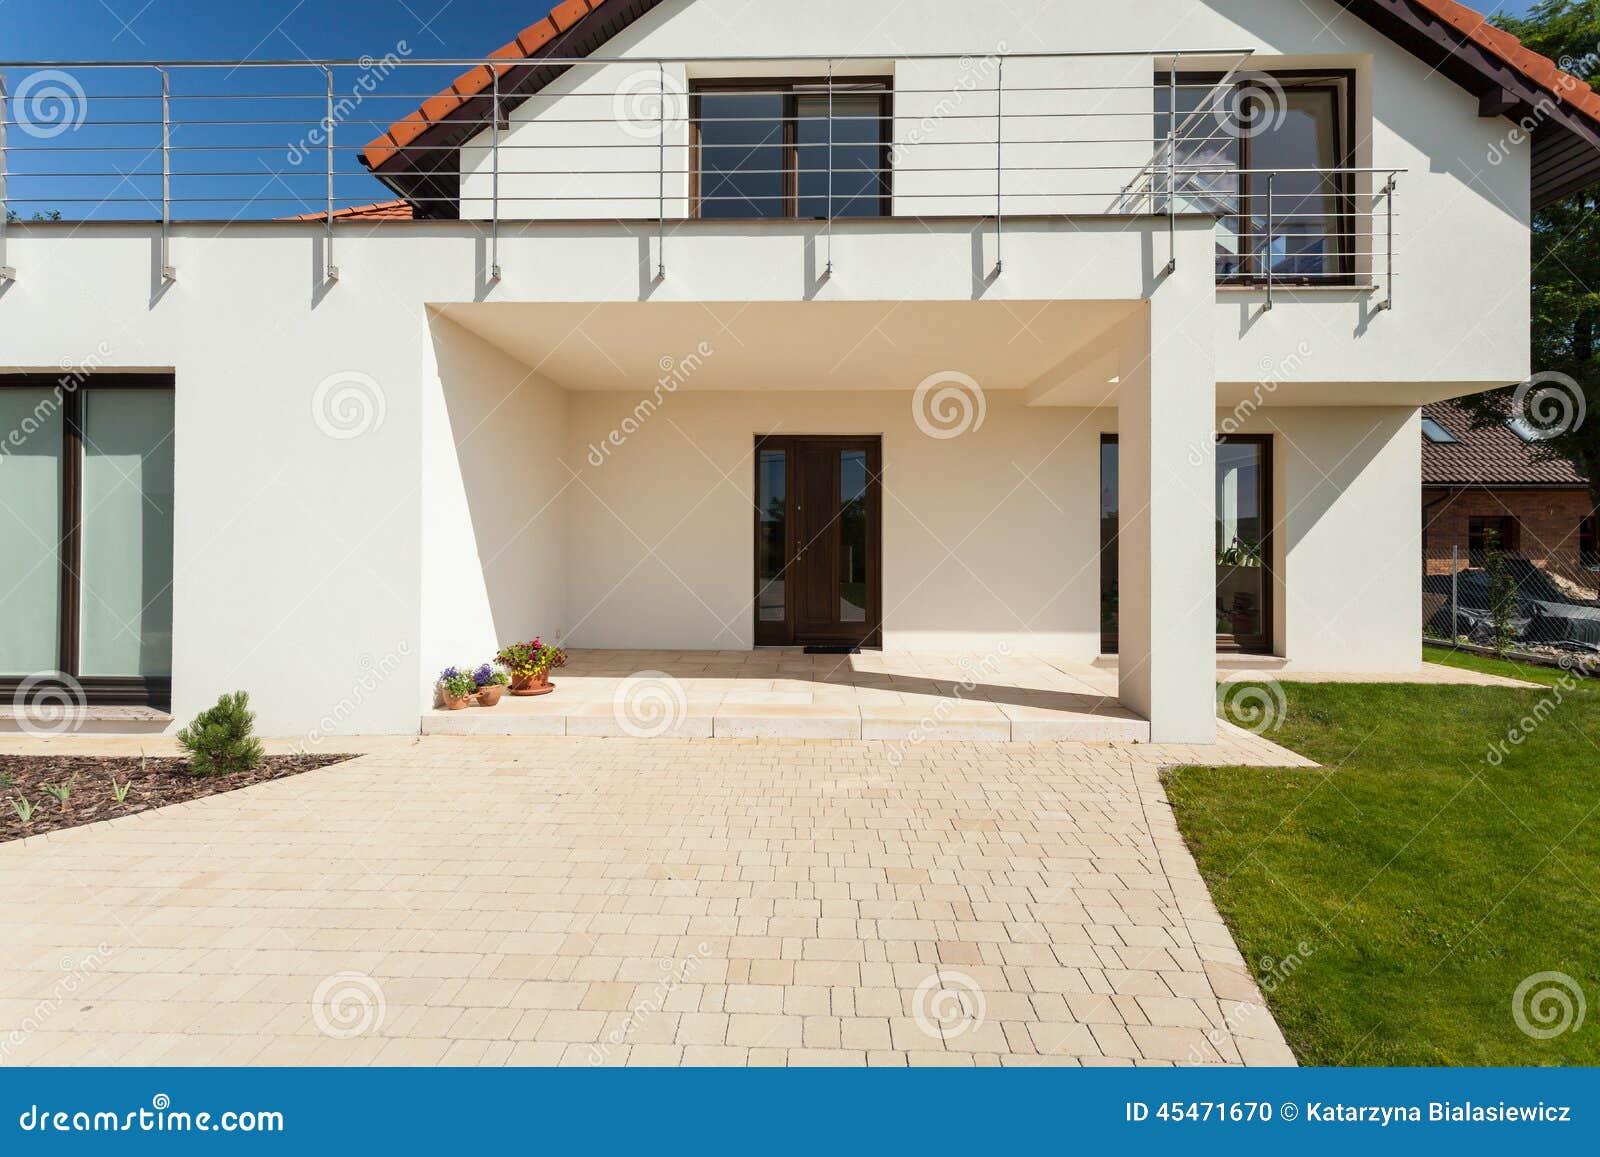 Entrada casa moderna foto de stock imagem 45471670 - Entradas casas modernas ...